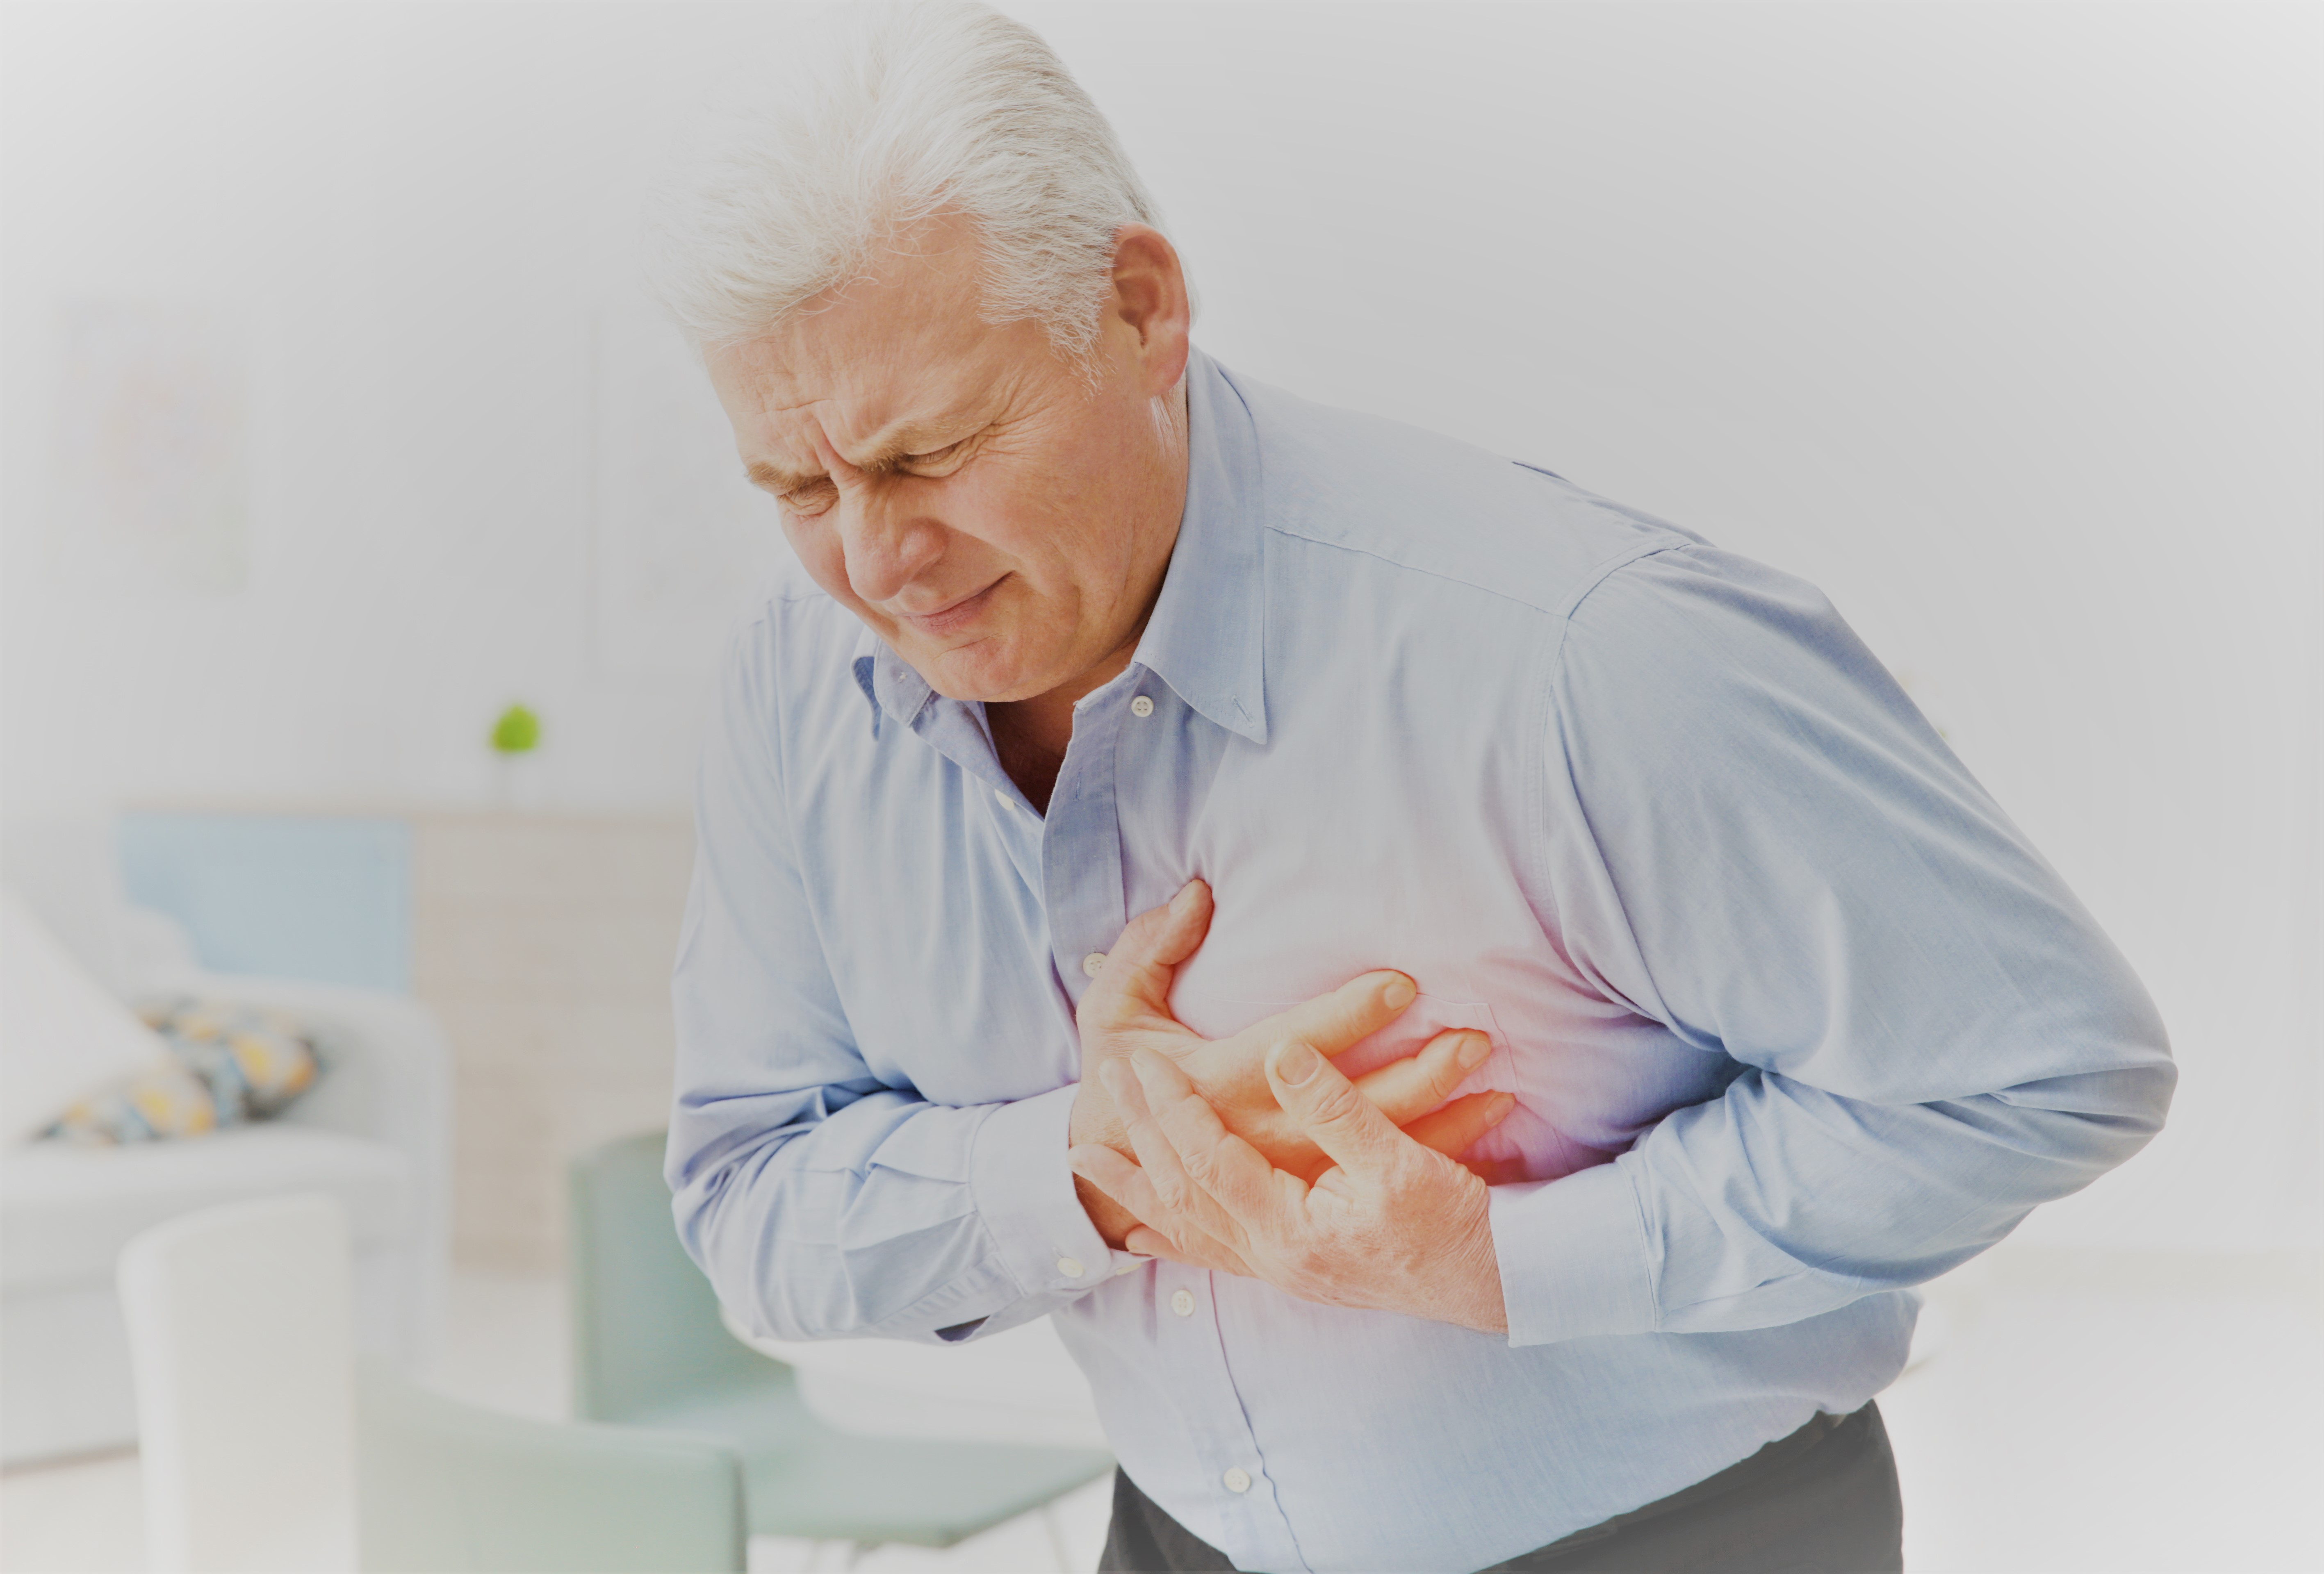 miért fáj az ízületek a kezelés és mi okozza